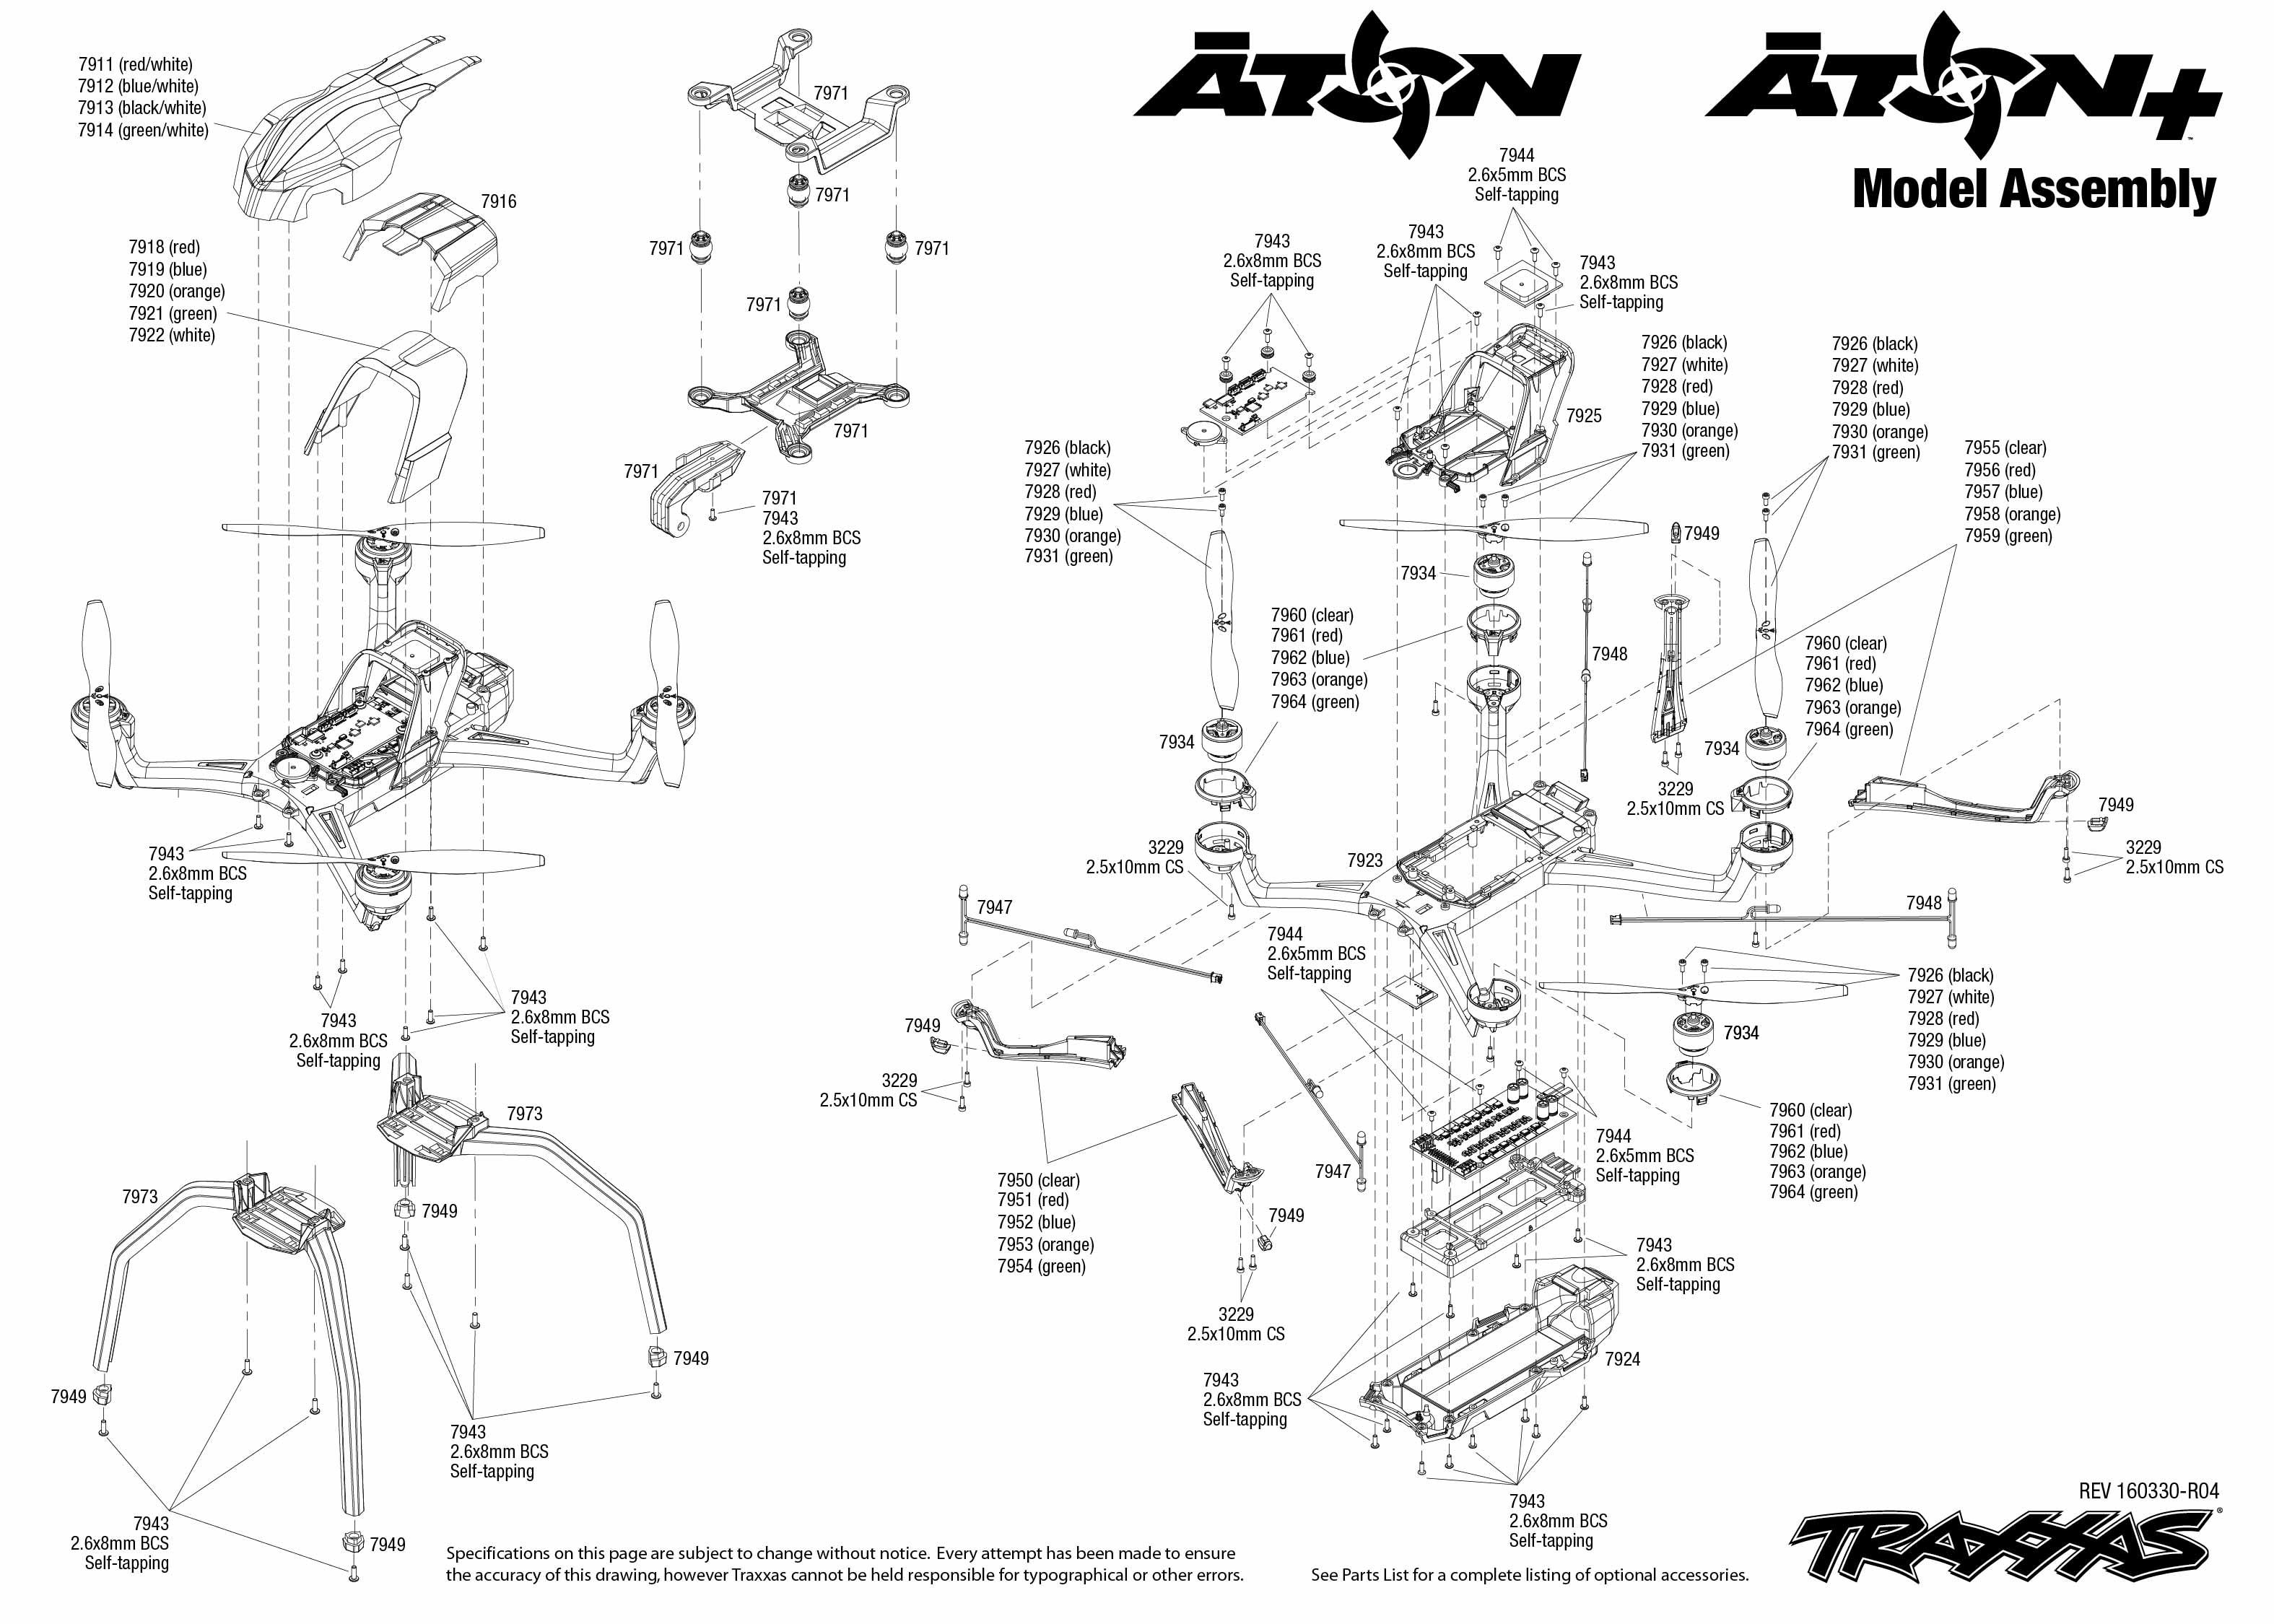 ⚙ All Spare Parts (Exploded View) - NSP Hobby ศูนย์นำเข้า